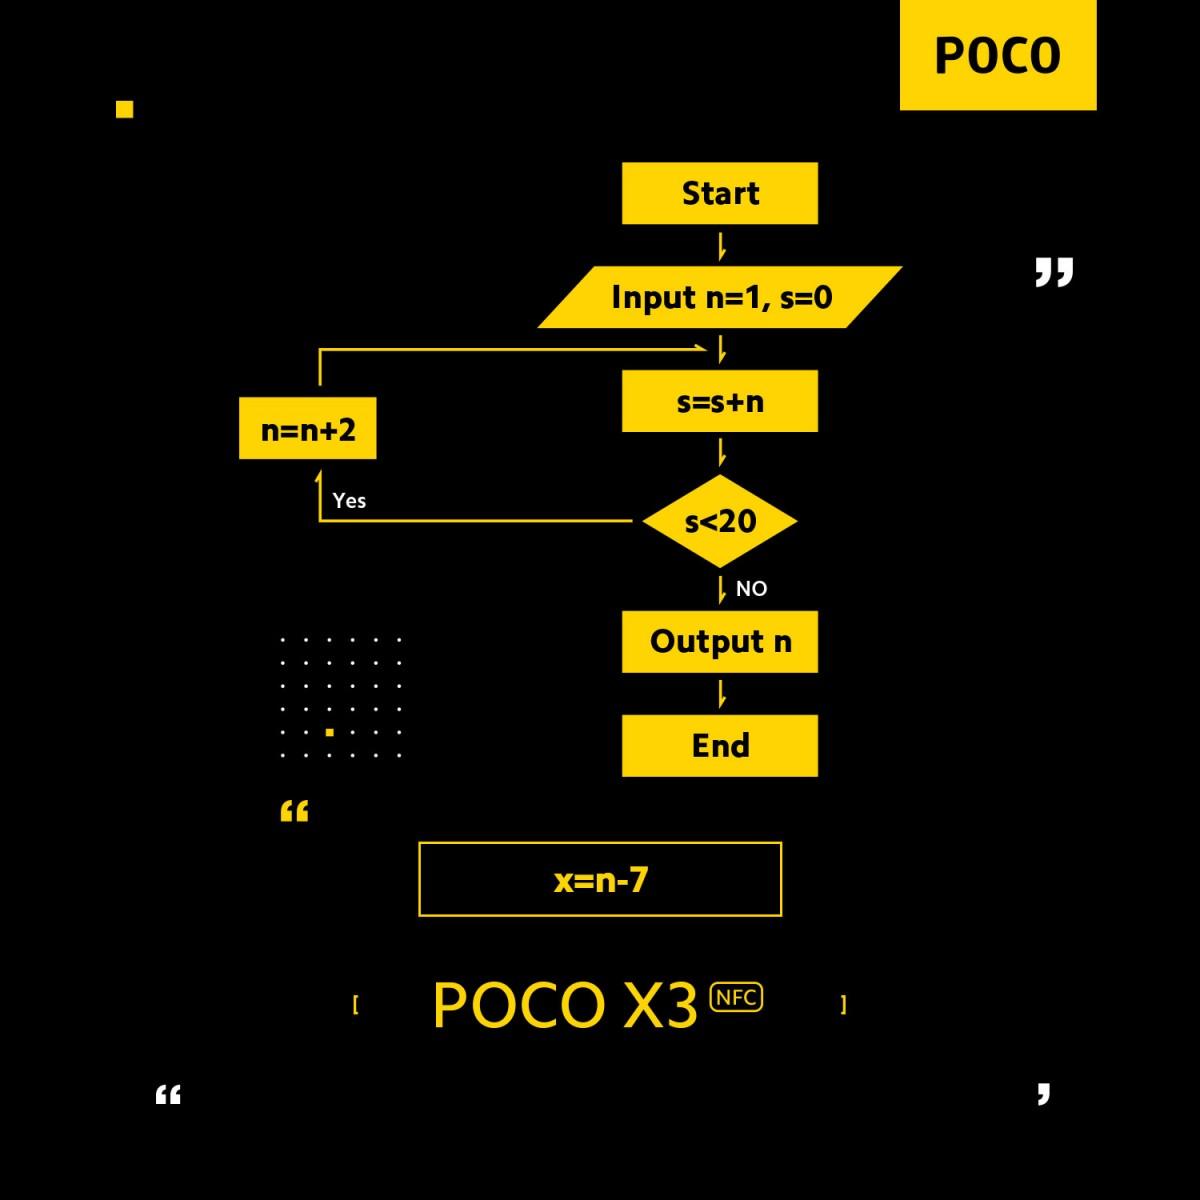 با شرکت در این بازی یک گوشی Poco X3 NFC شیائومی برنده شوید